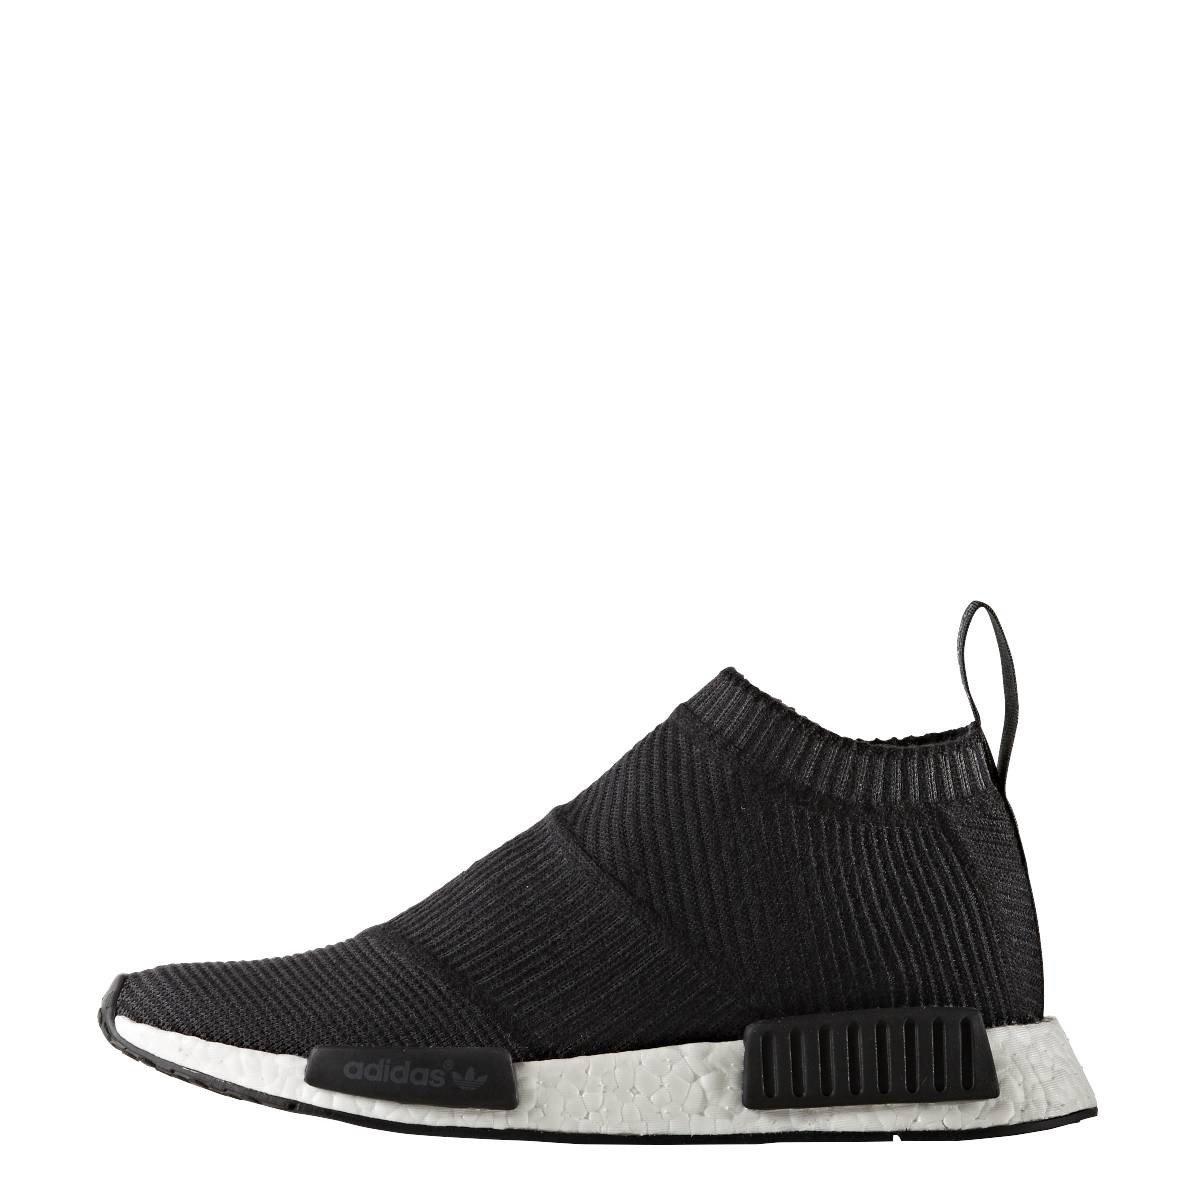 adidas Schuhe – Nmd Cs1 Primeknit schwarzweiß Größe: 40 23